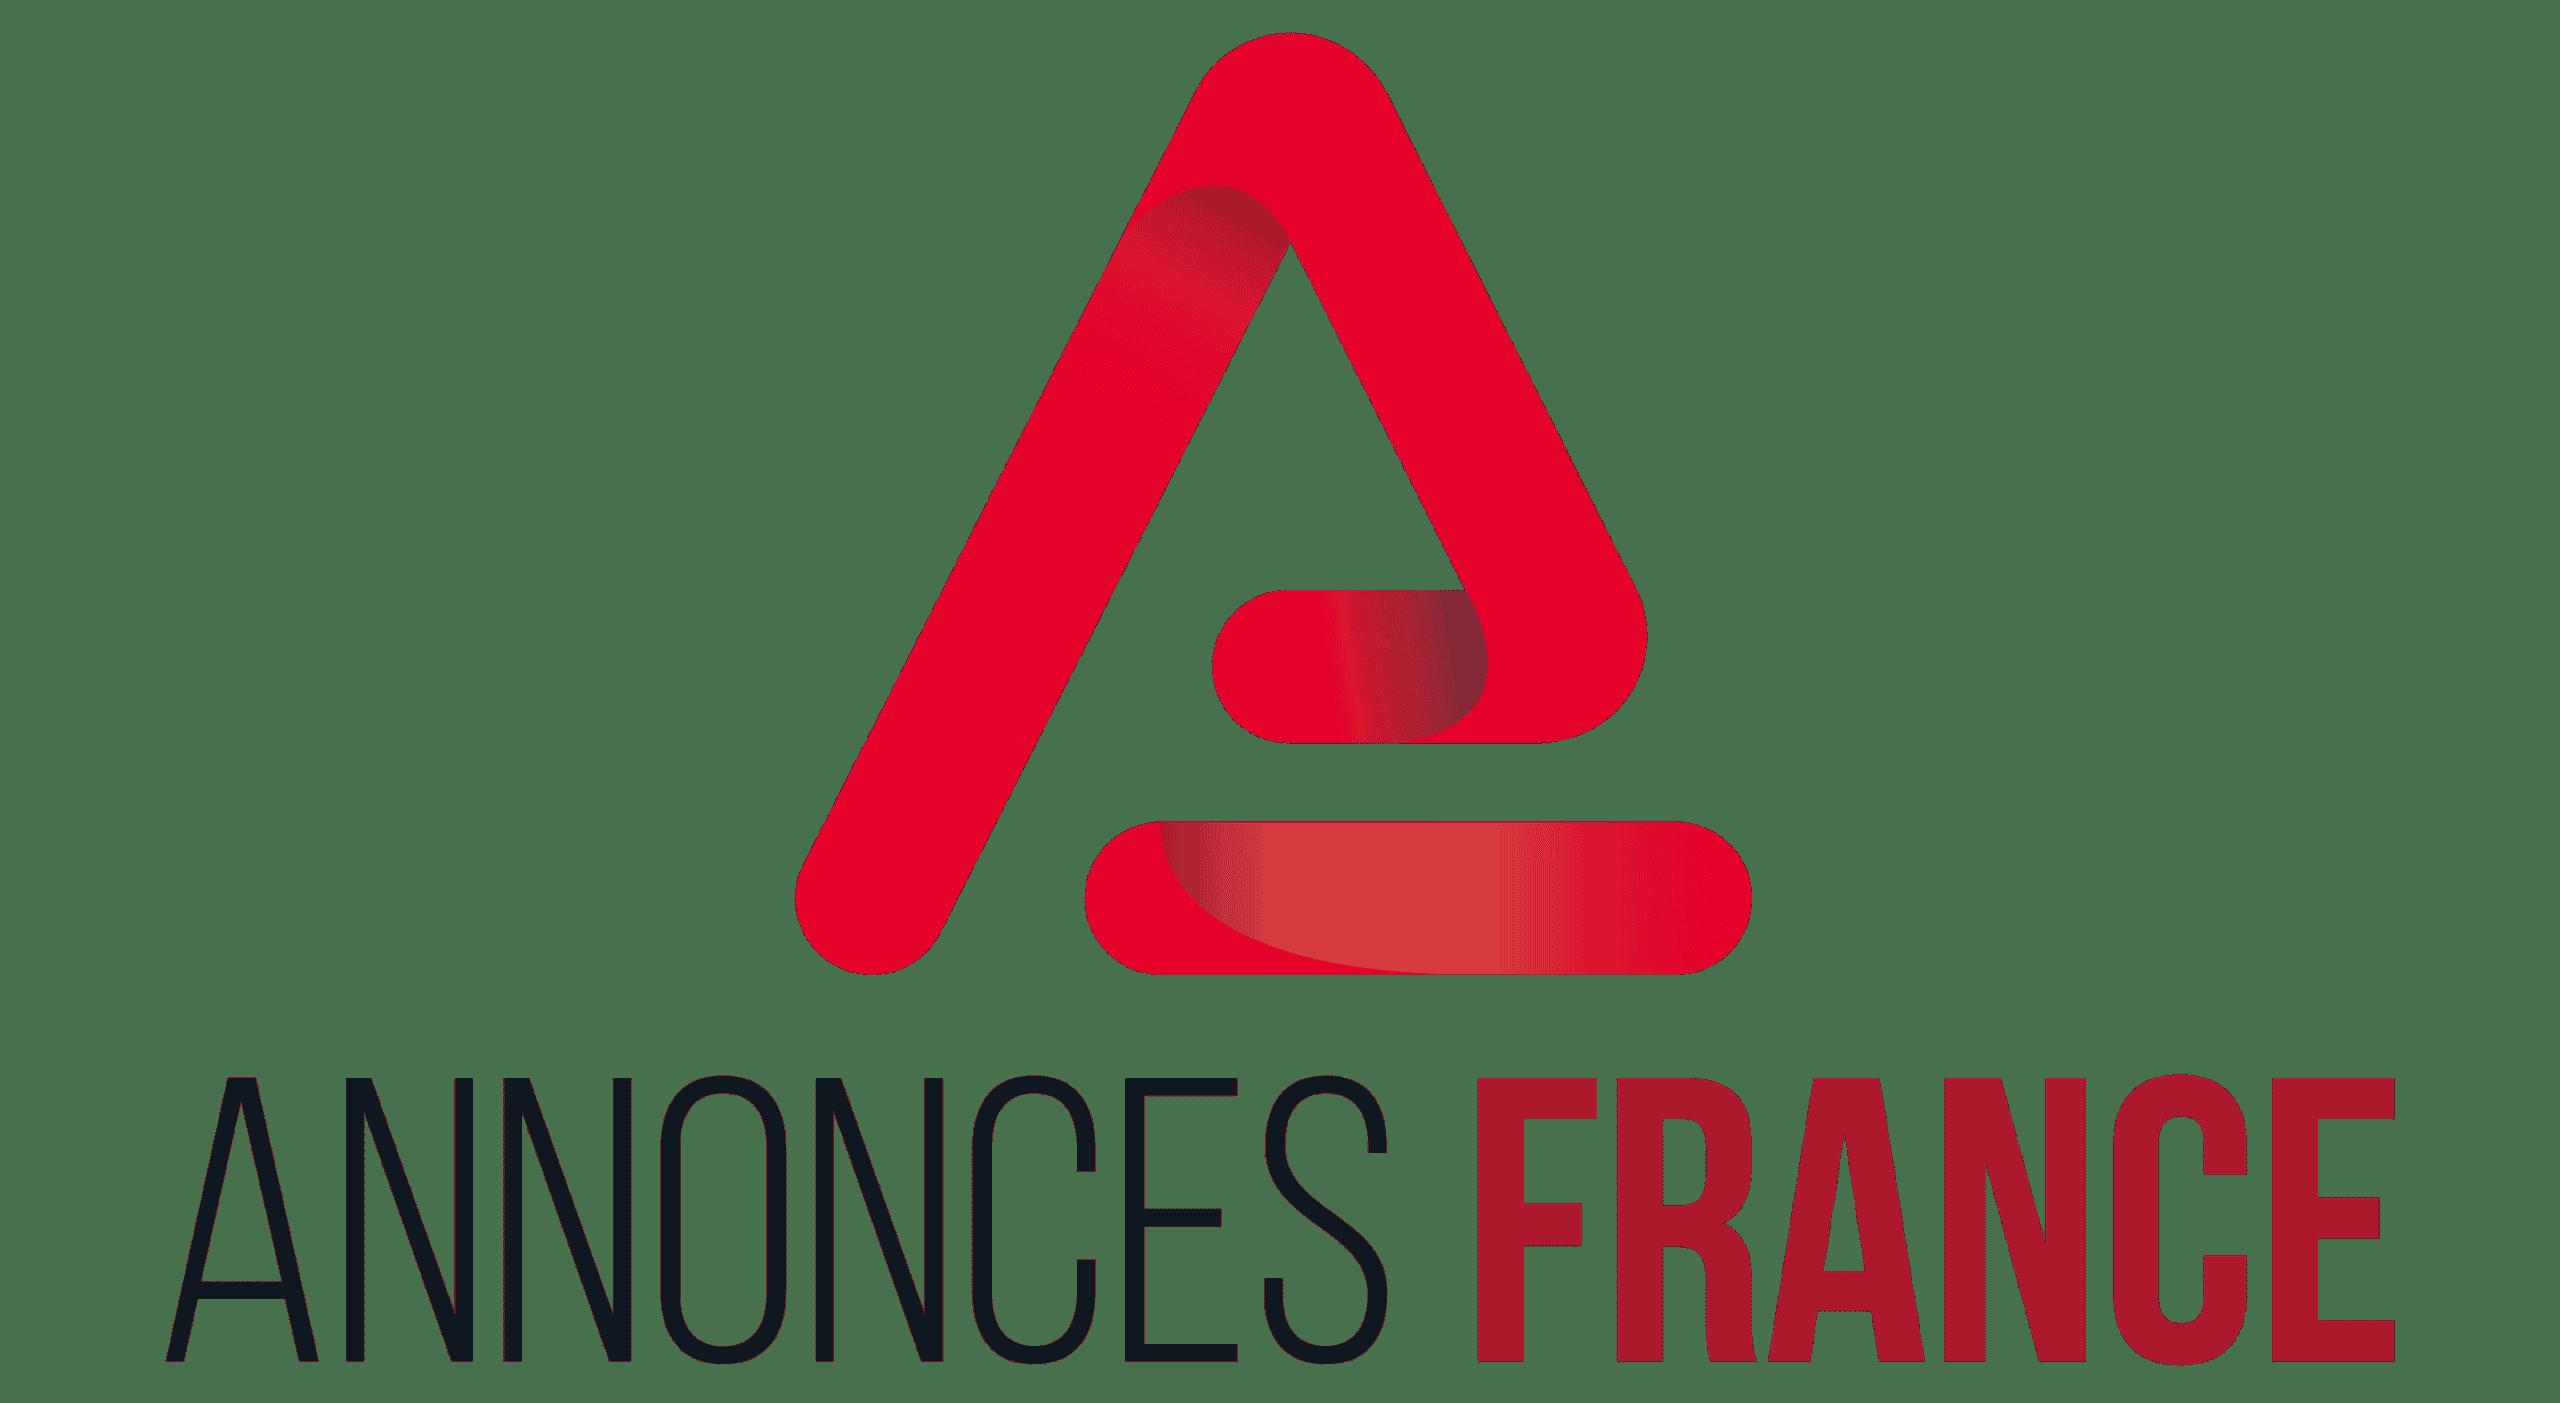 Annonces France